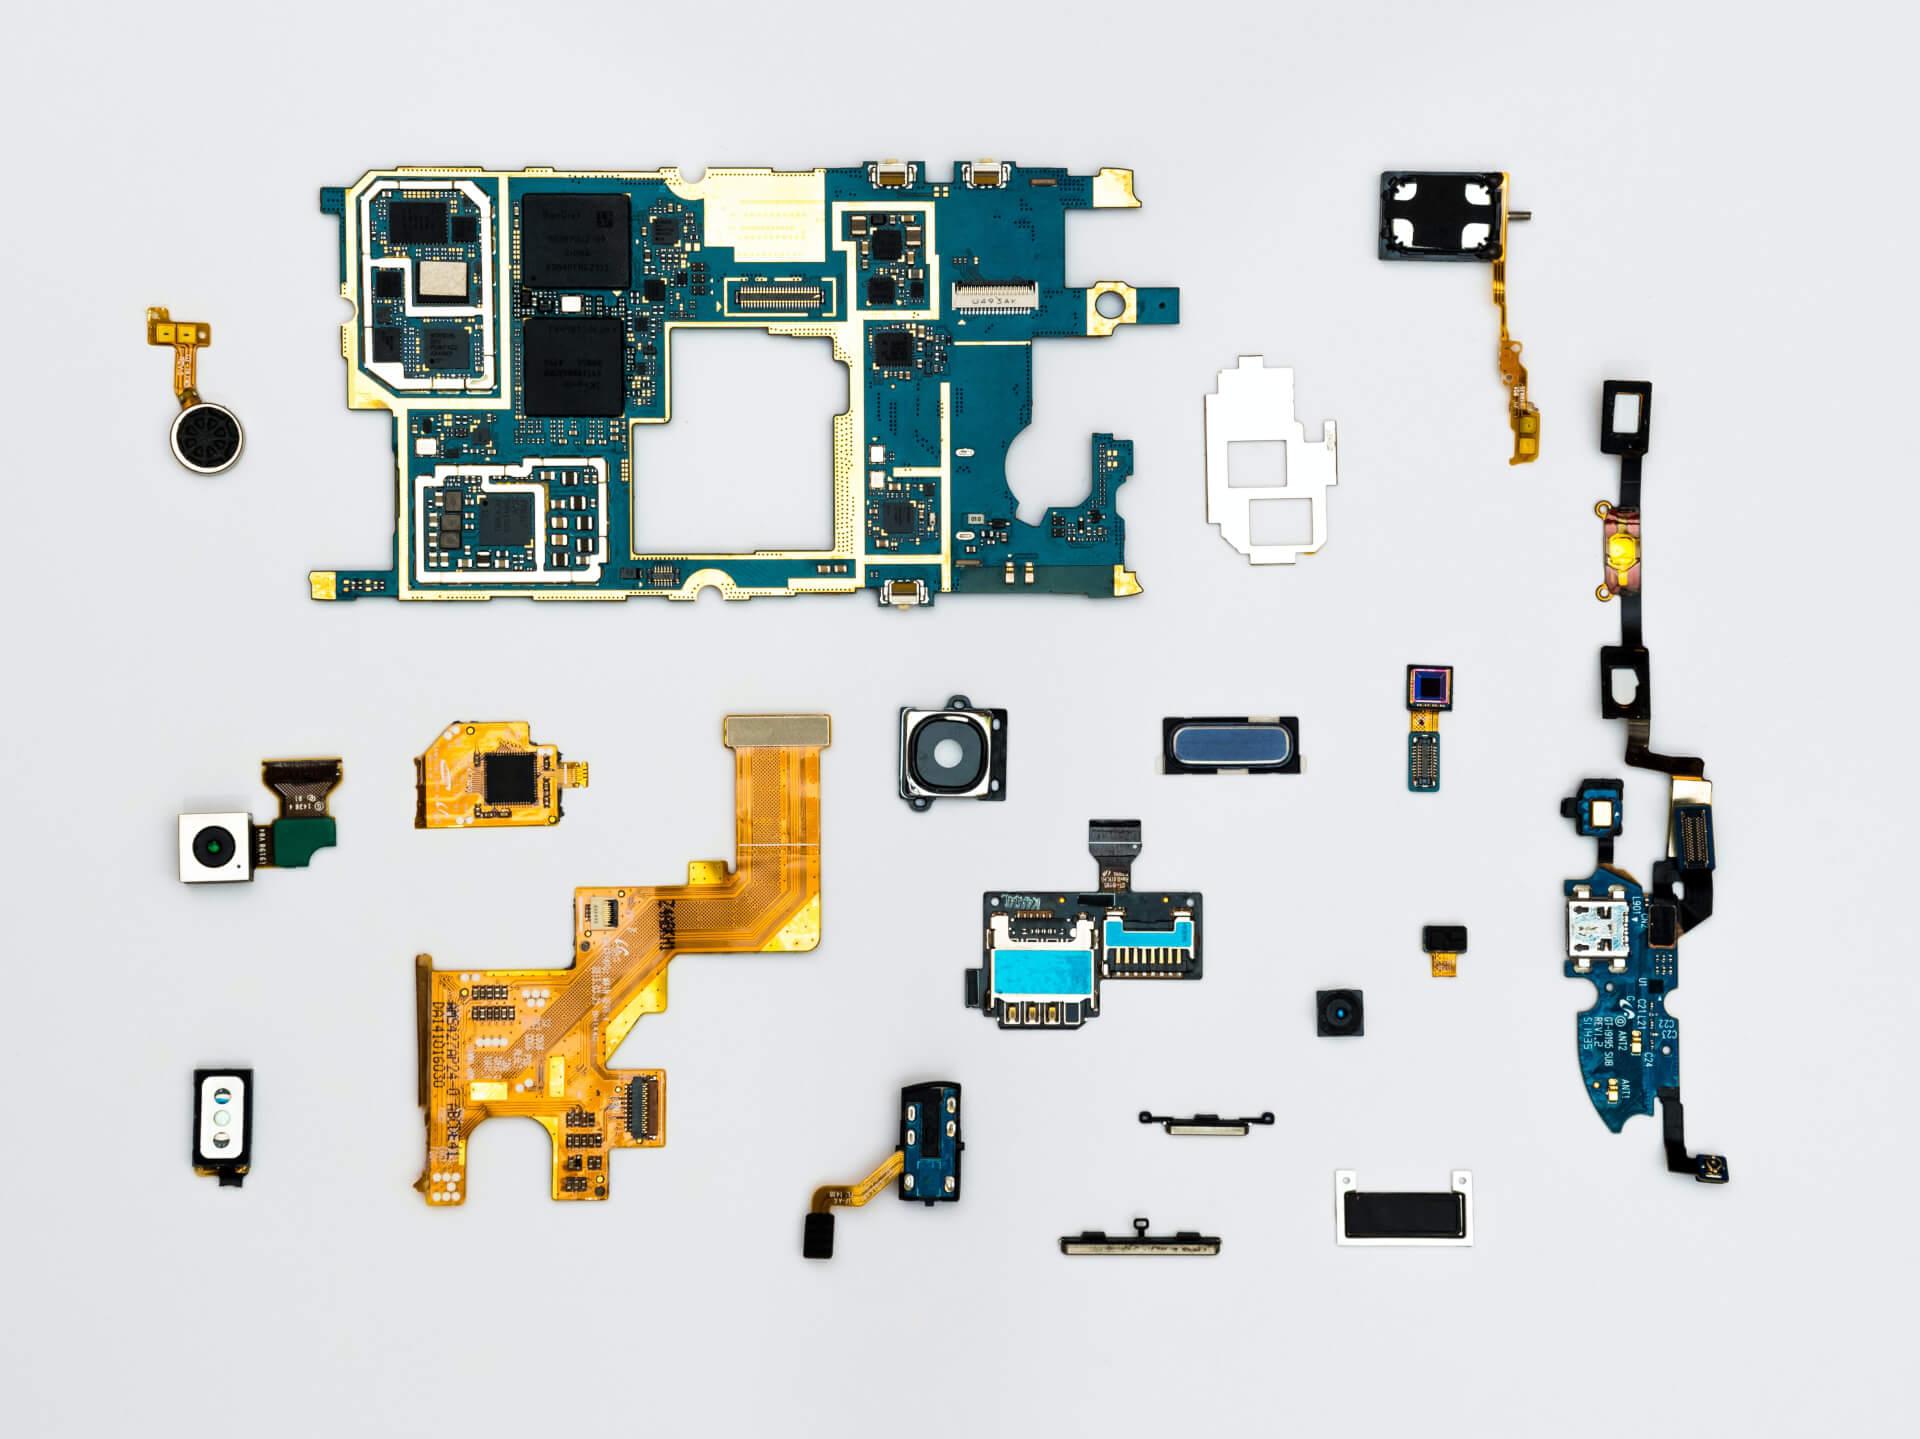 Штучний інтелект у боротьбі зі злочинністю та життя на Венері — останні новини світу технологій